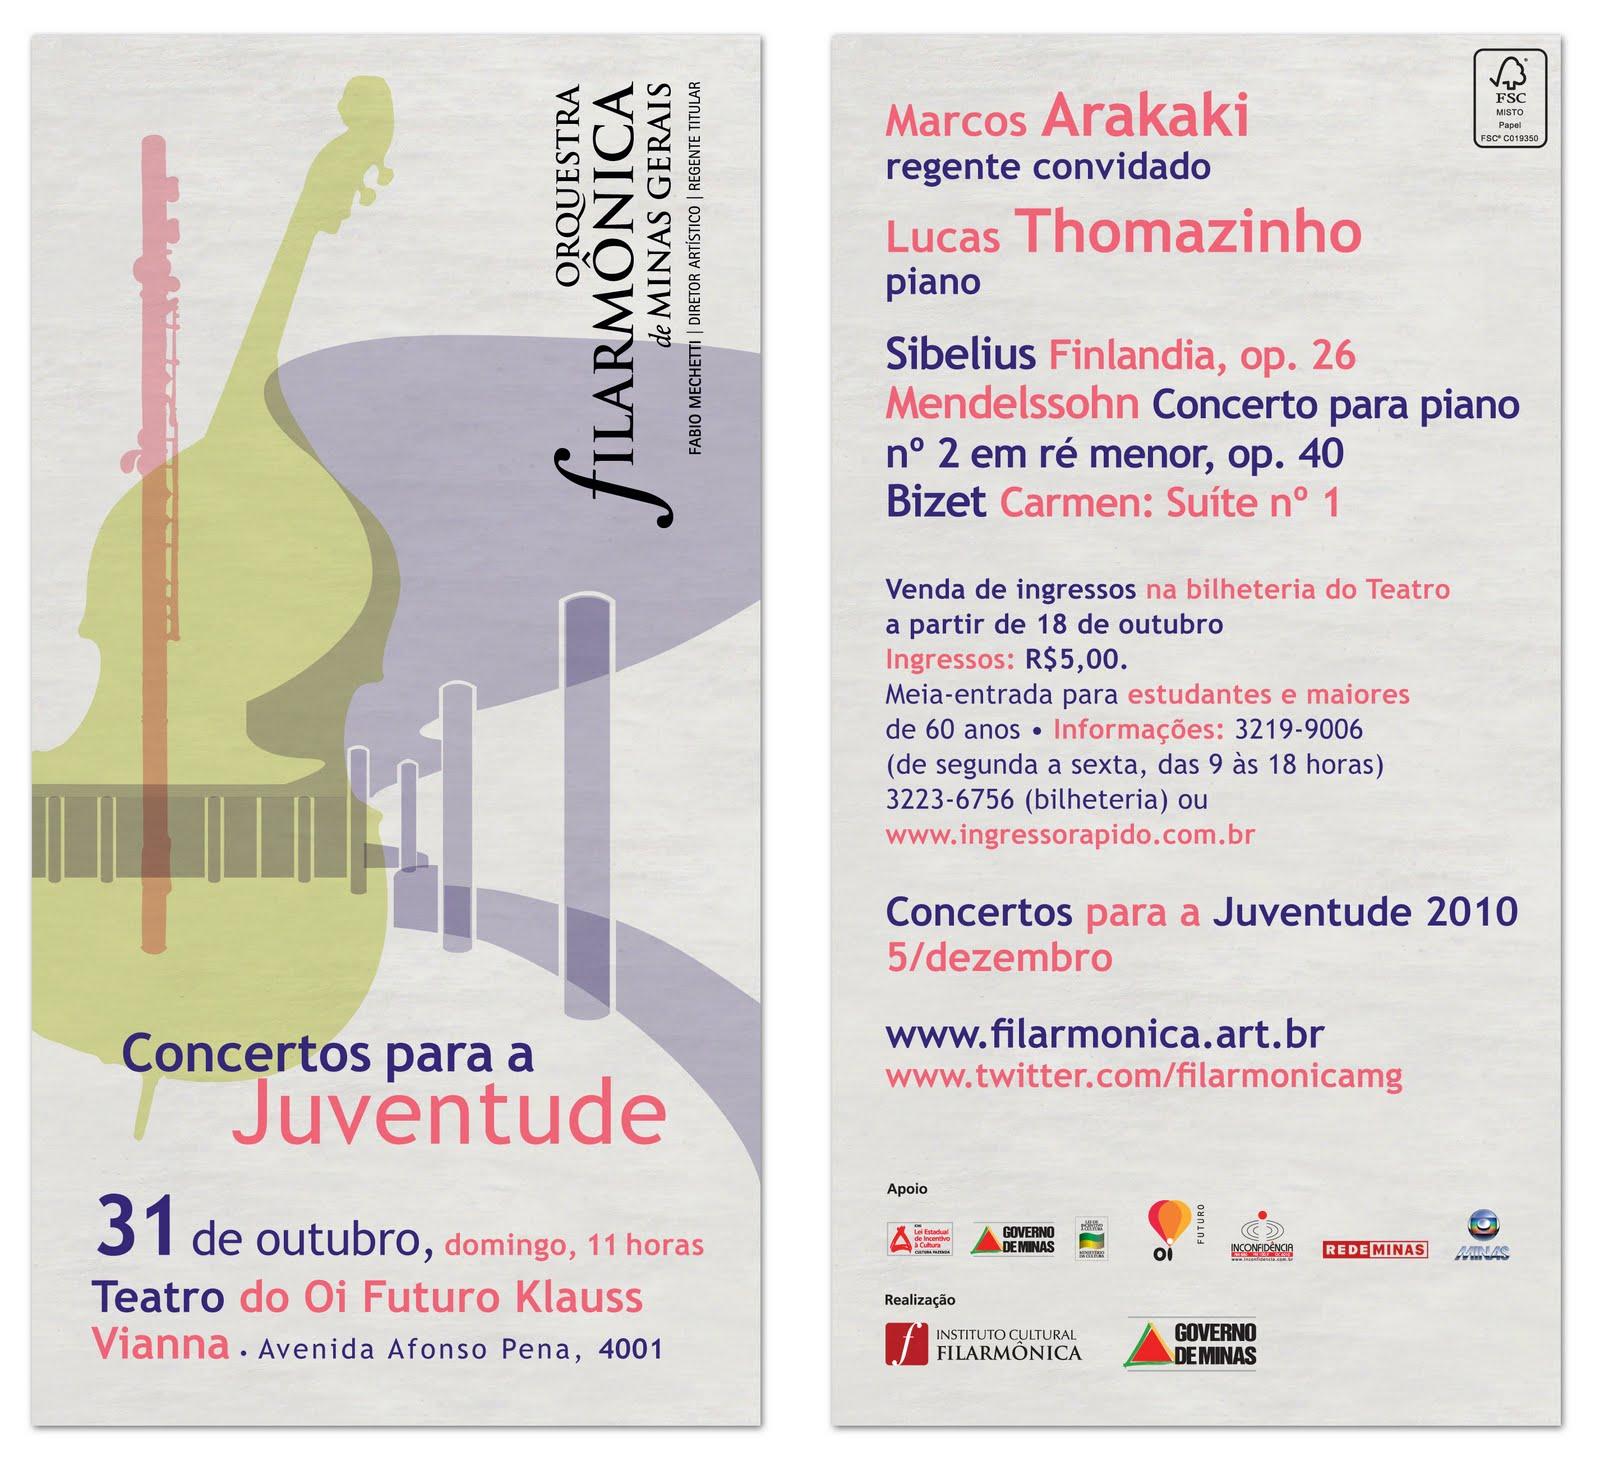 Orquestra Filarmônica – Concertos para a Juventude